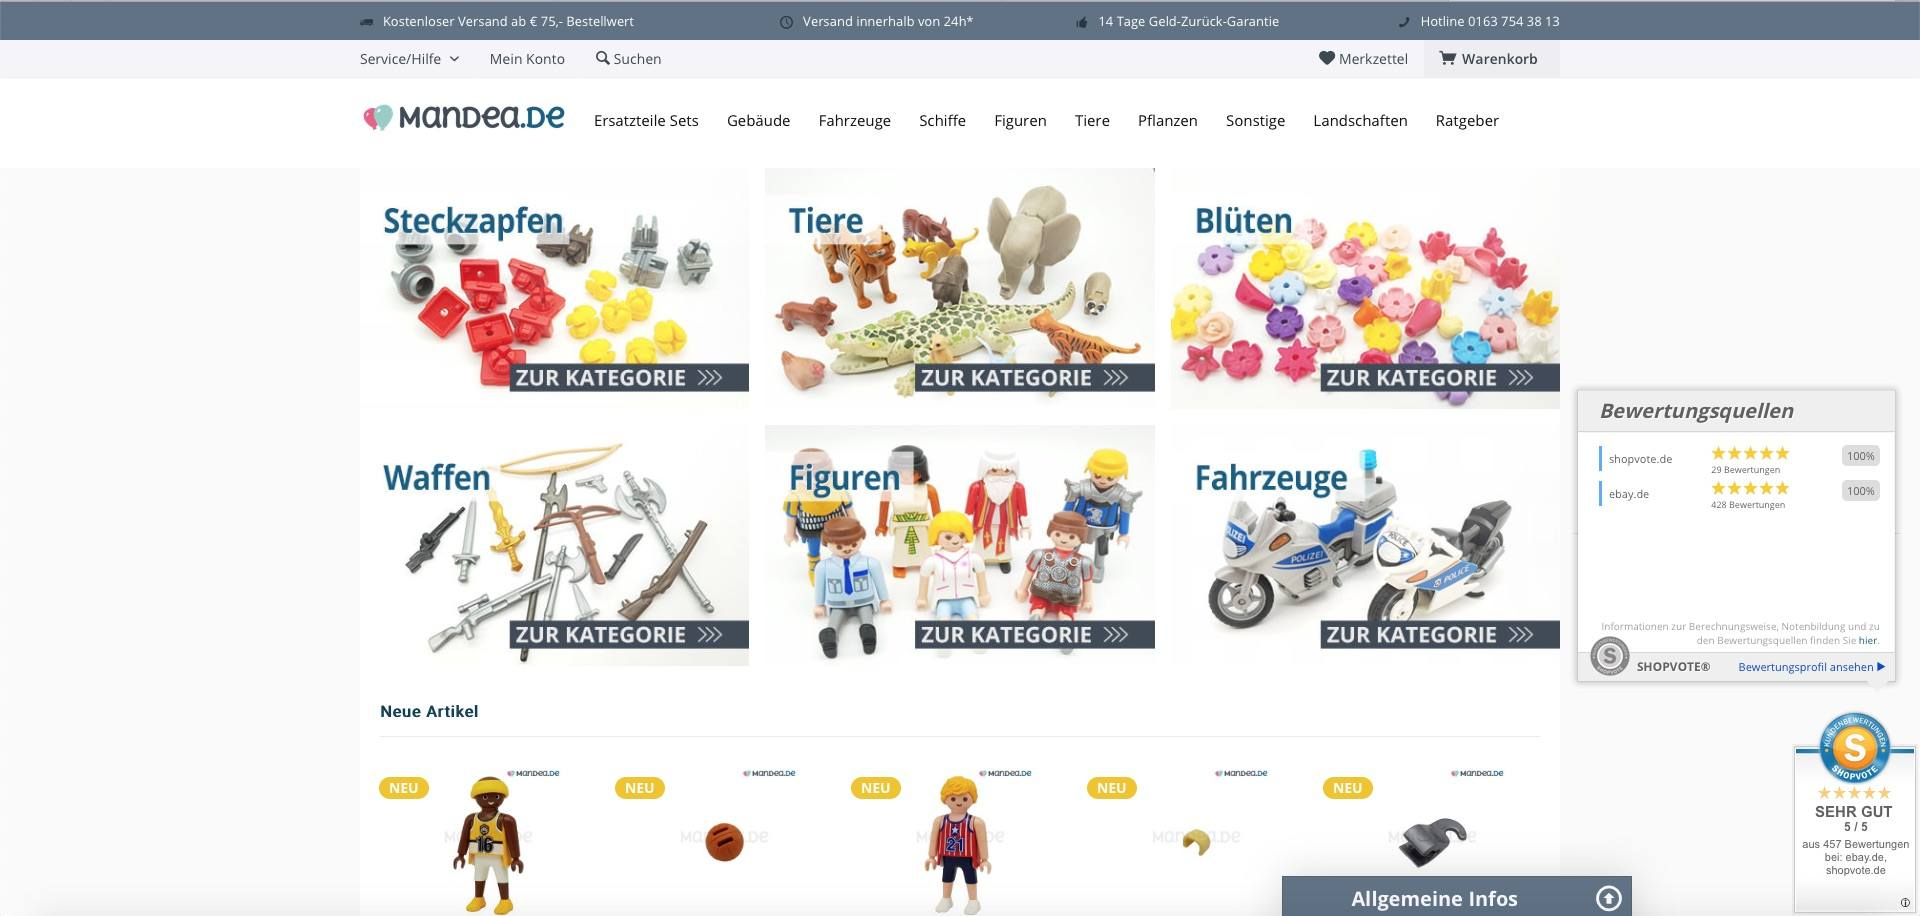 Bildschirmfoto des Webshops mandea.de